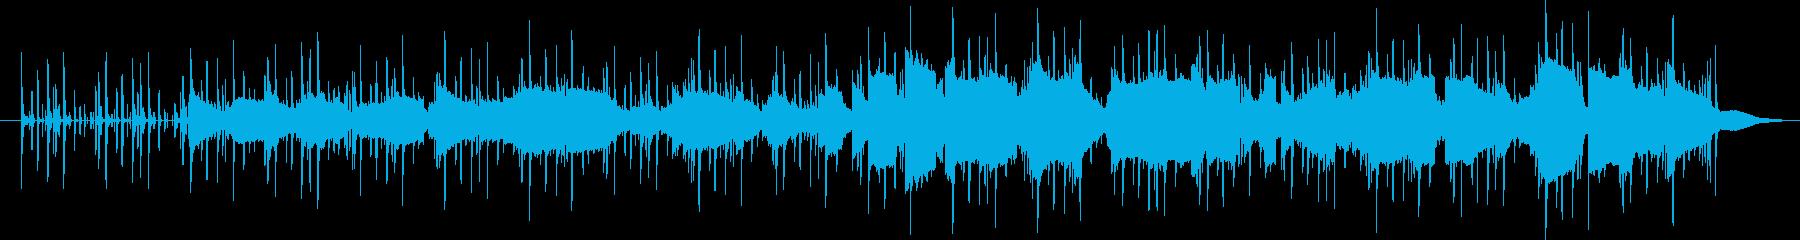 C→Am→F→G バッキングの再生済みの波形